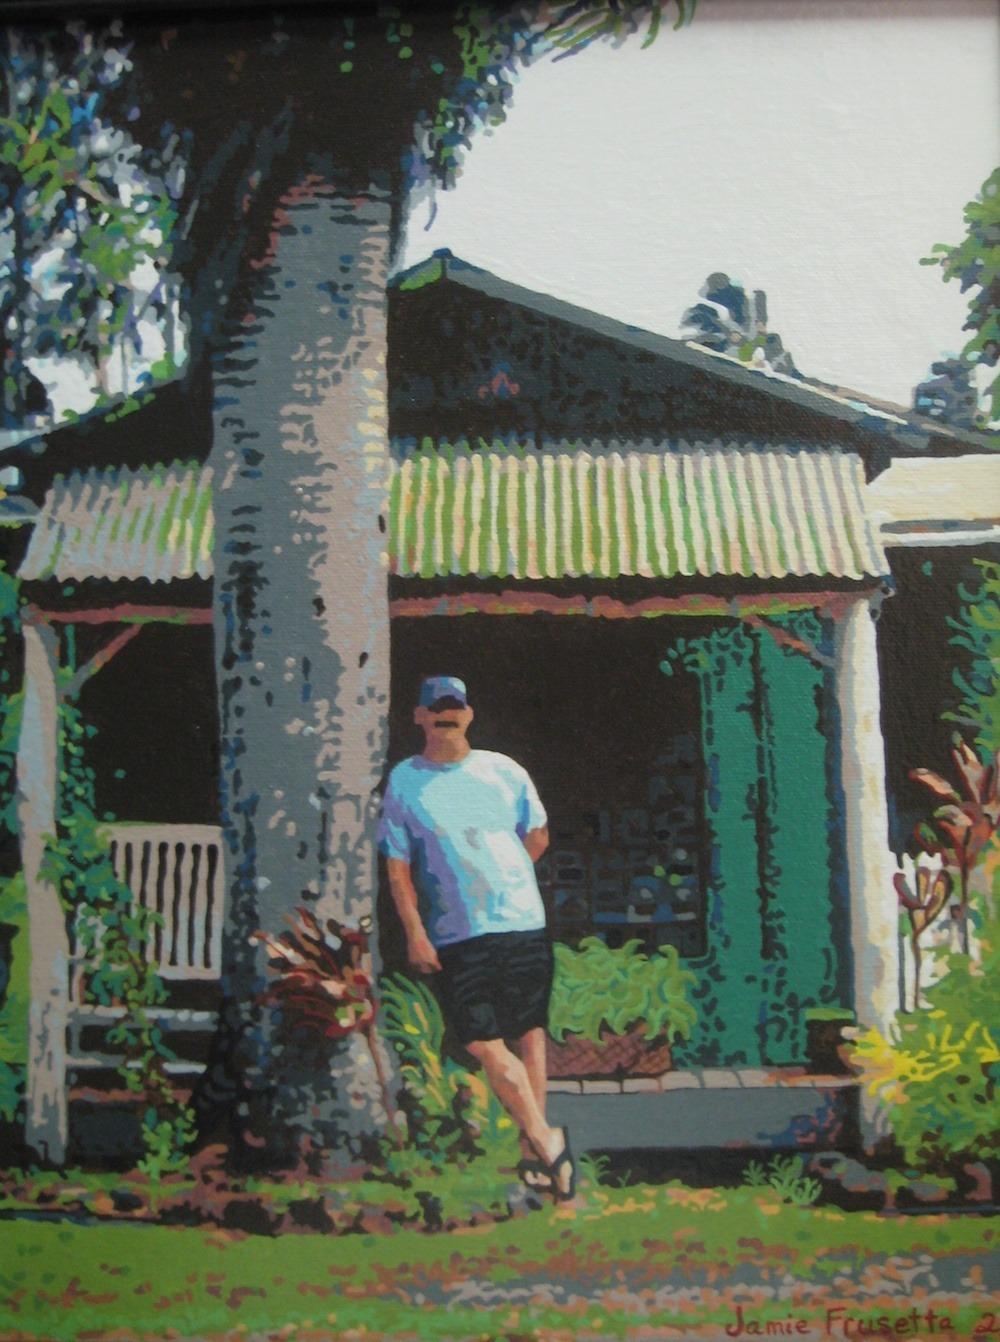 hanalei-post-office by jamie